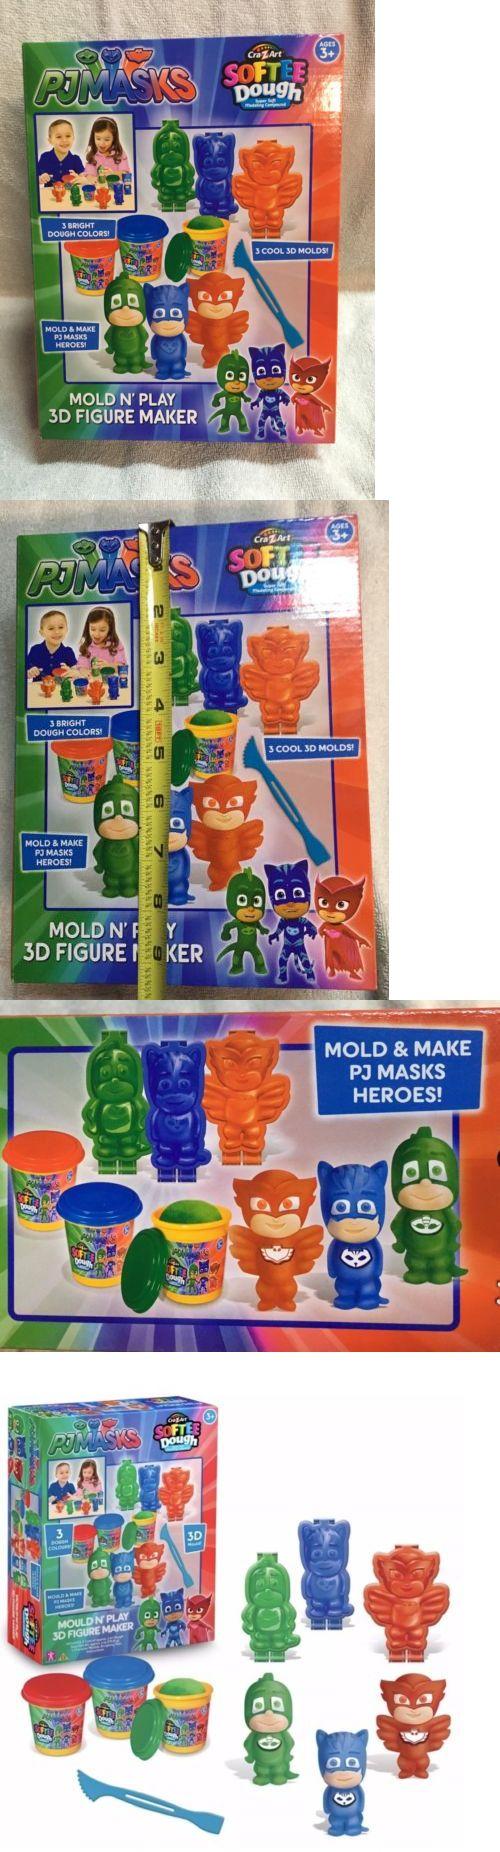 cra-z-art pj masks softee dough 3d maker action figure mold n play